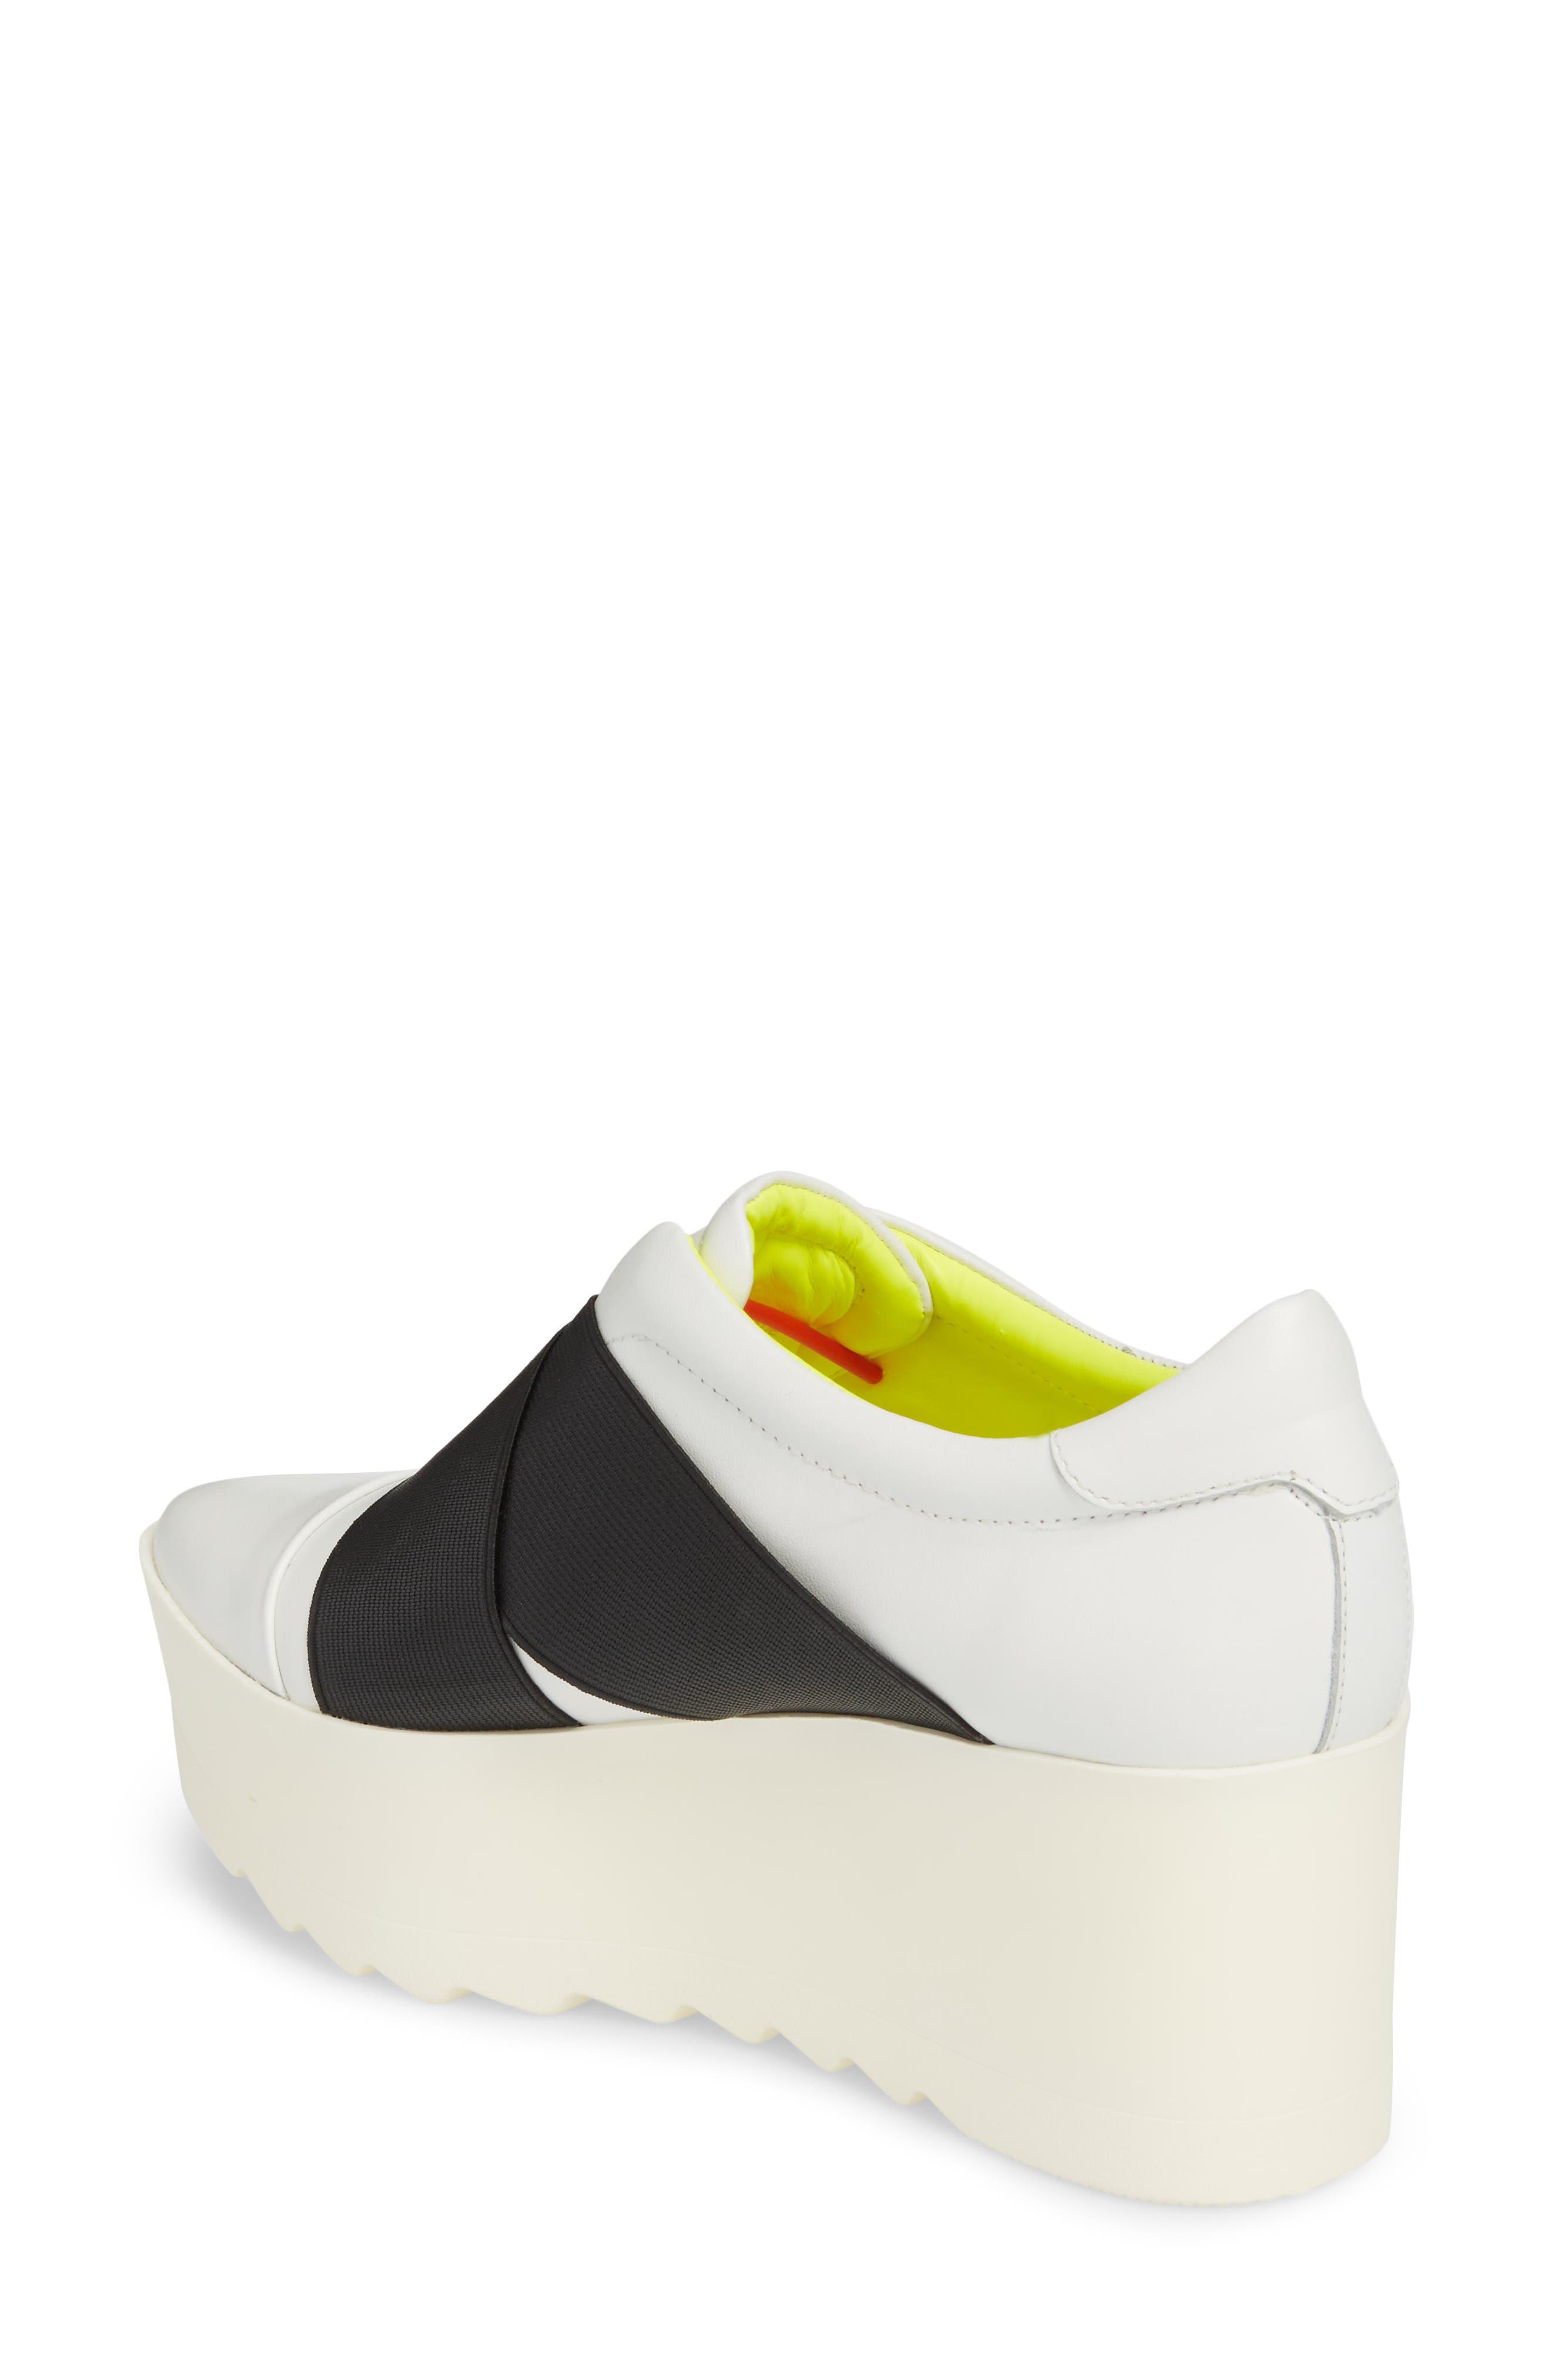 Tasha Platform Slip-On Sneaker,                             Alternate thumbnail 2, color,                             White Leather